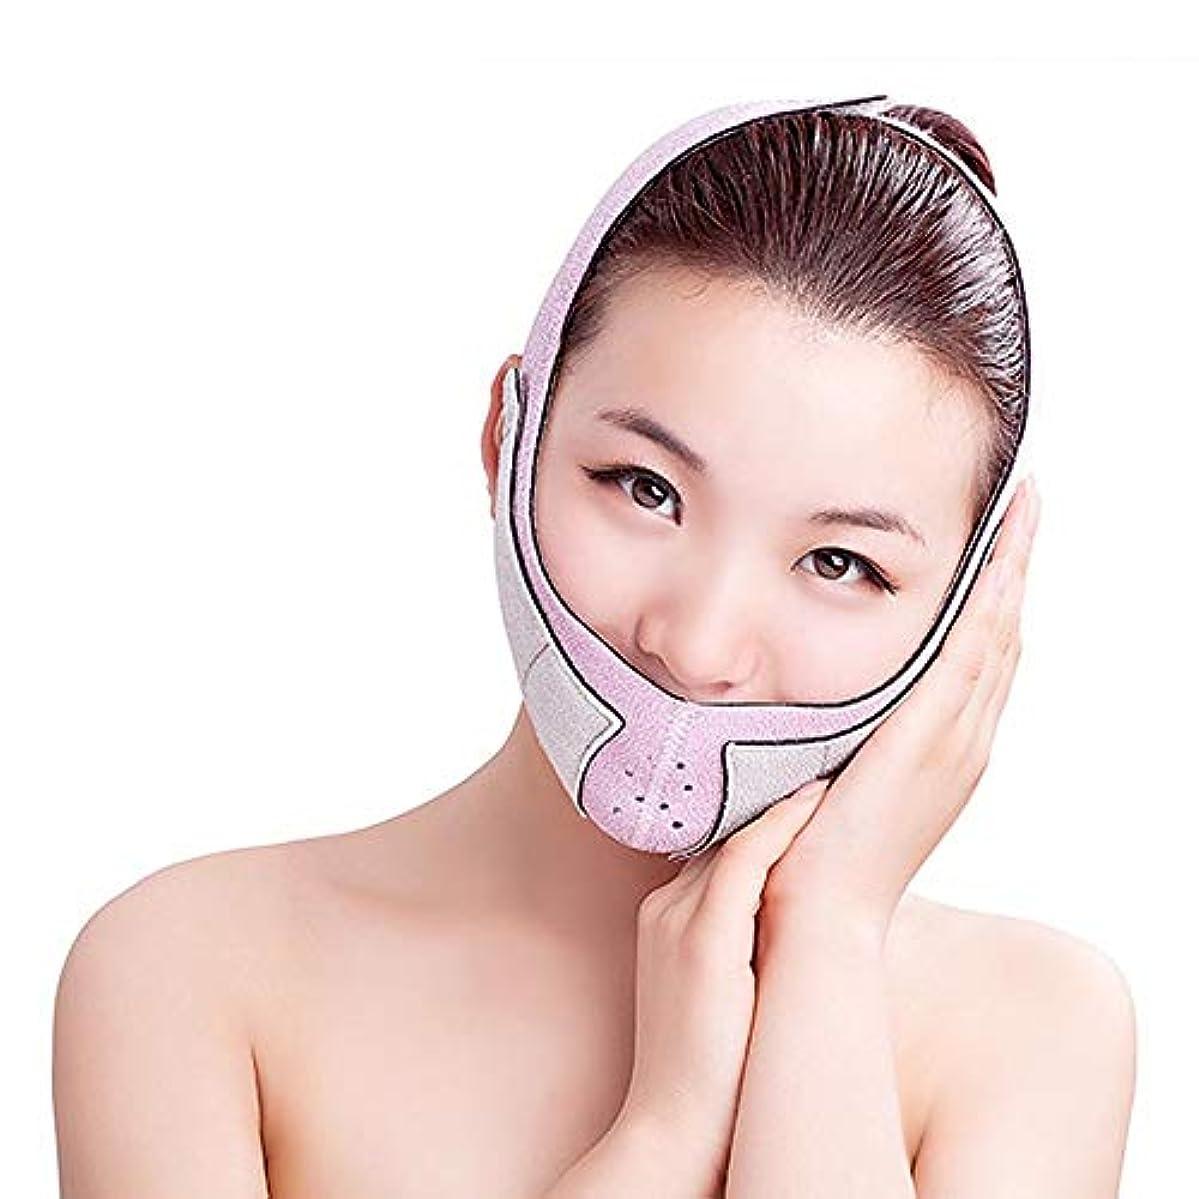 血まみれ確認してくださいいつでもフェイスリフトベルト 薄い顔のベルト - 薄い顔のベルト通気性の補正3D薄い顔のV顔のベルトの包帯薄い顔のアーティファクト (色 : B)